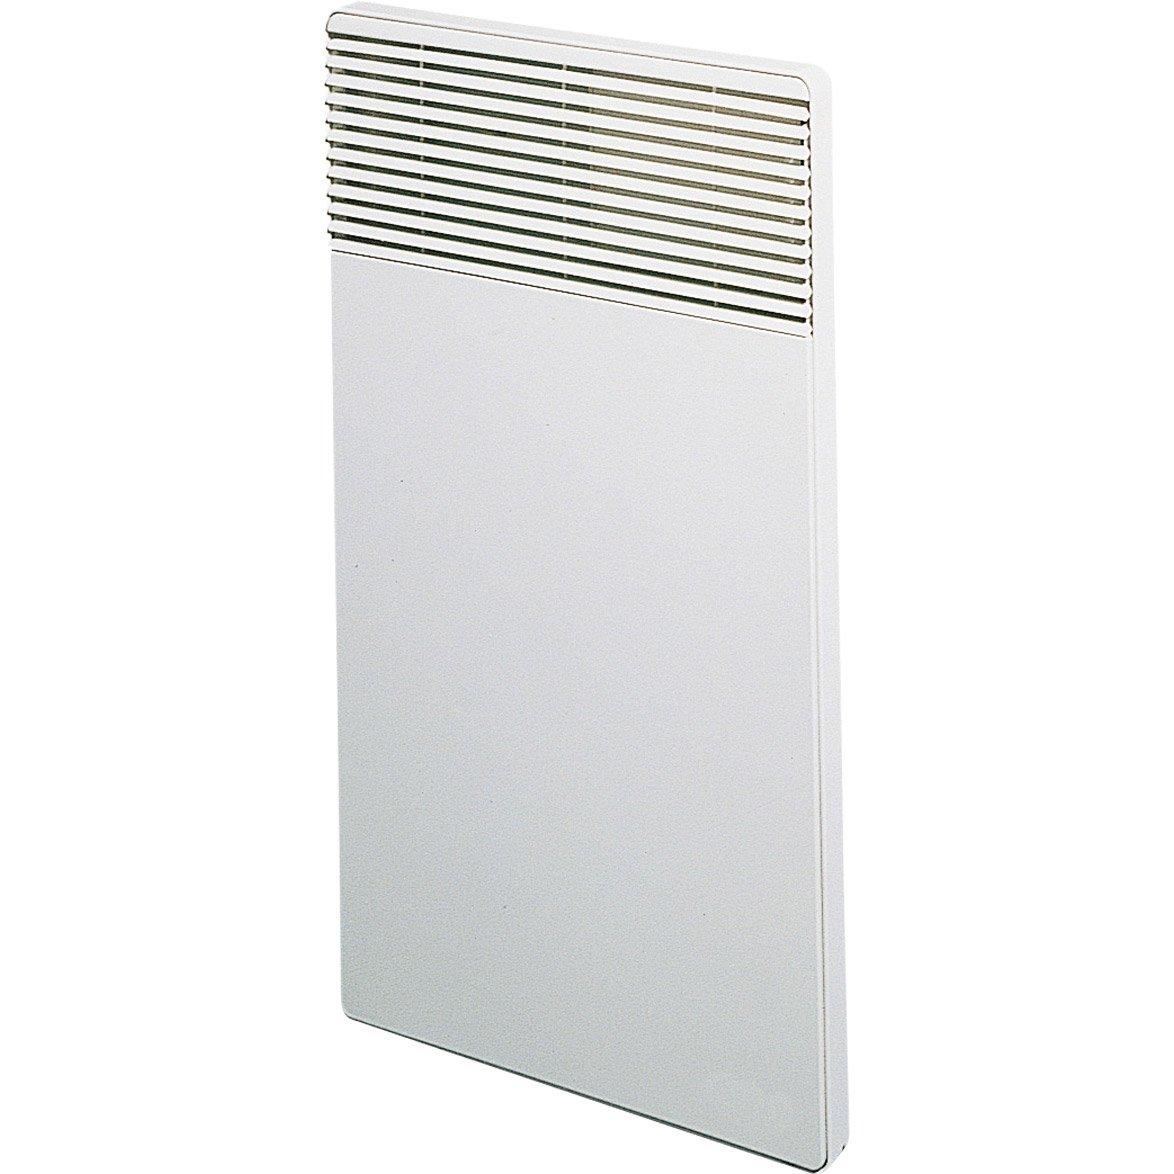 radiateur lectrique convection sauter lucki haut 1000 w leroy merlin. Black Bedroom Furniture Sets. Home Design Ideas